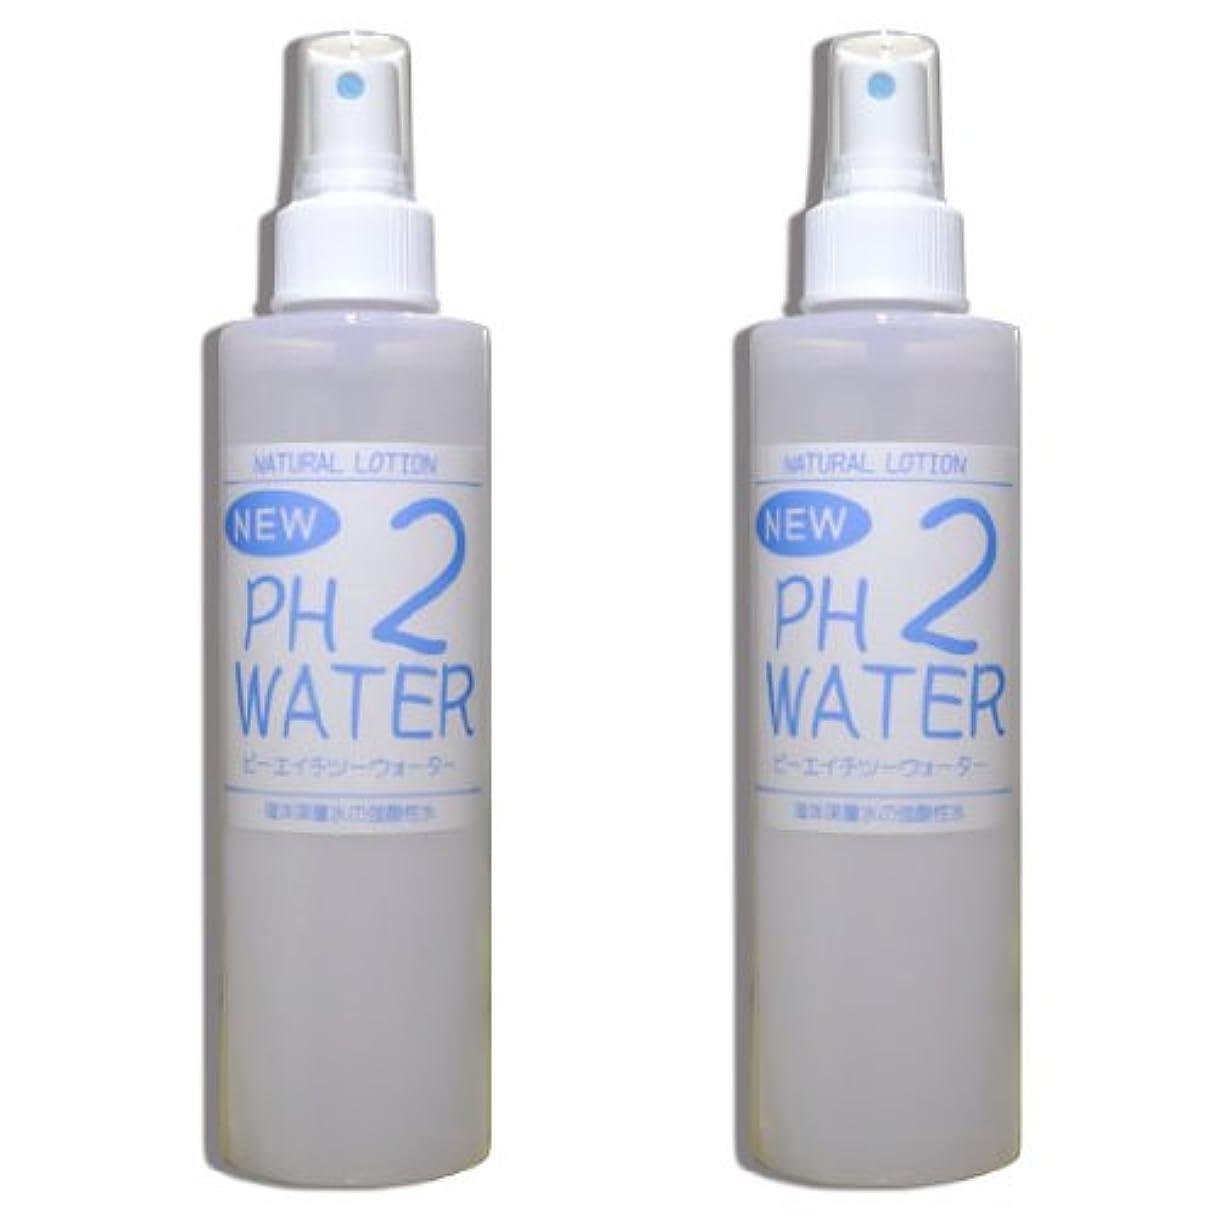 拒絶する農夫脚強酸性水 NEW PH2ウォーター『200mlスプレー2本セット』